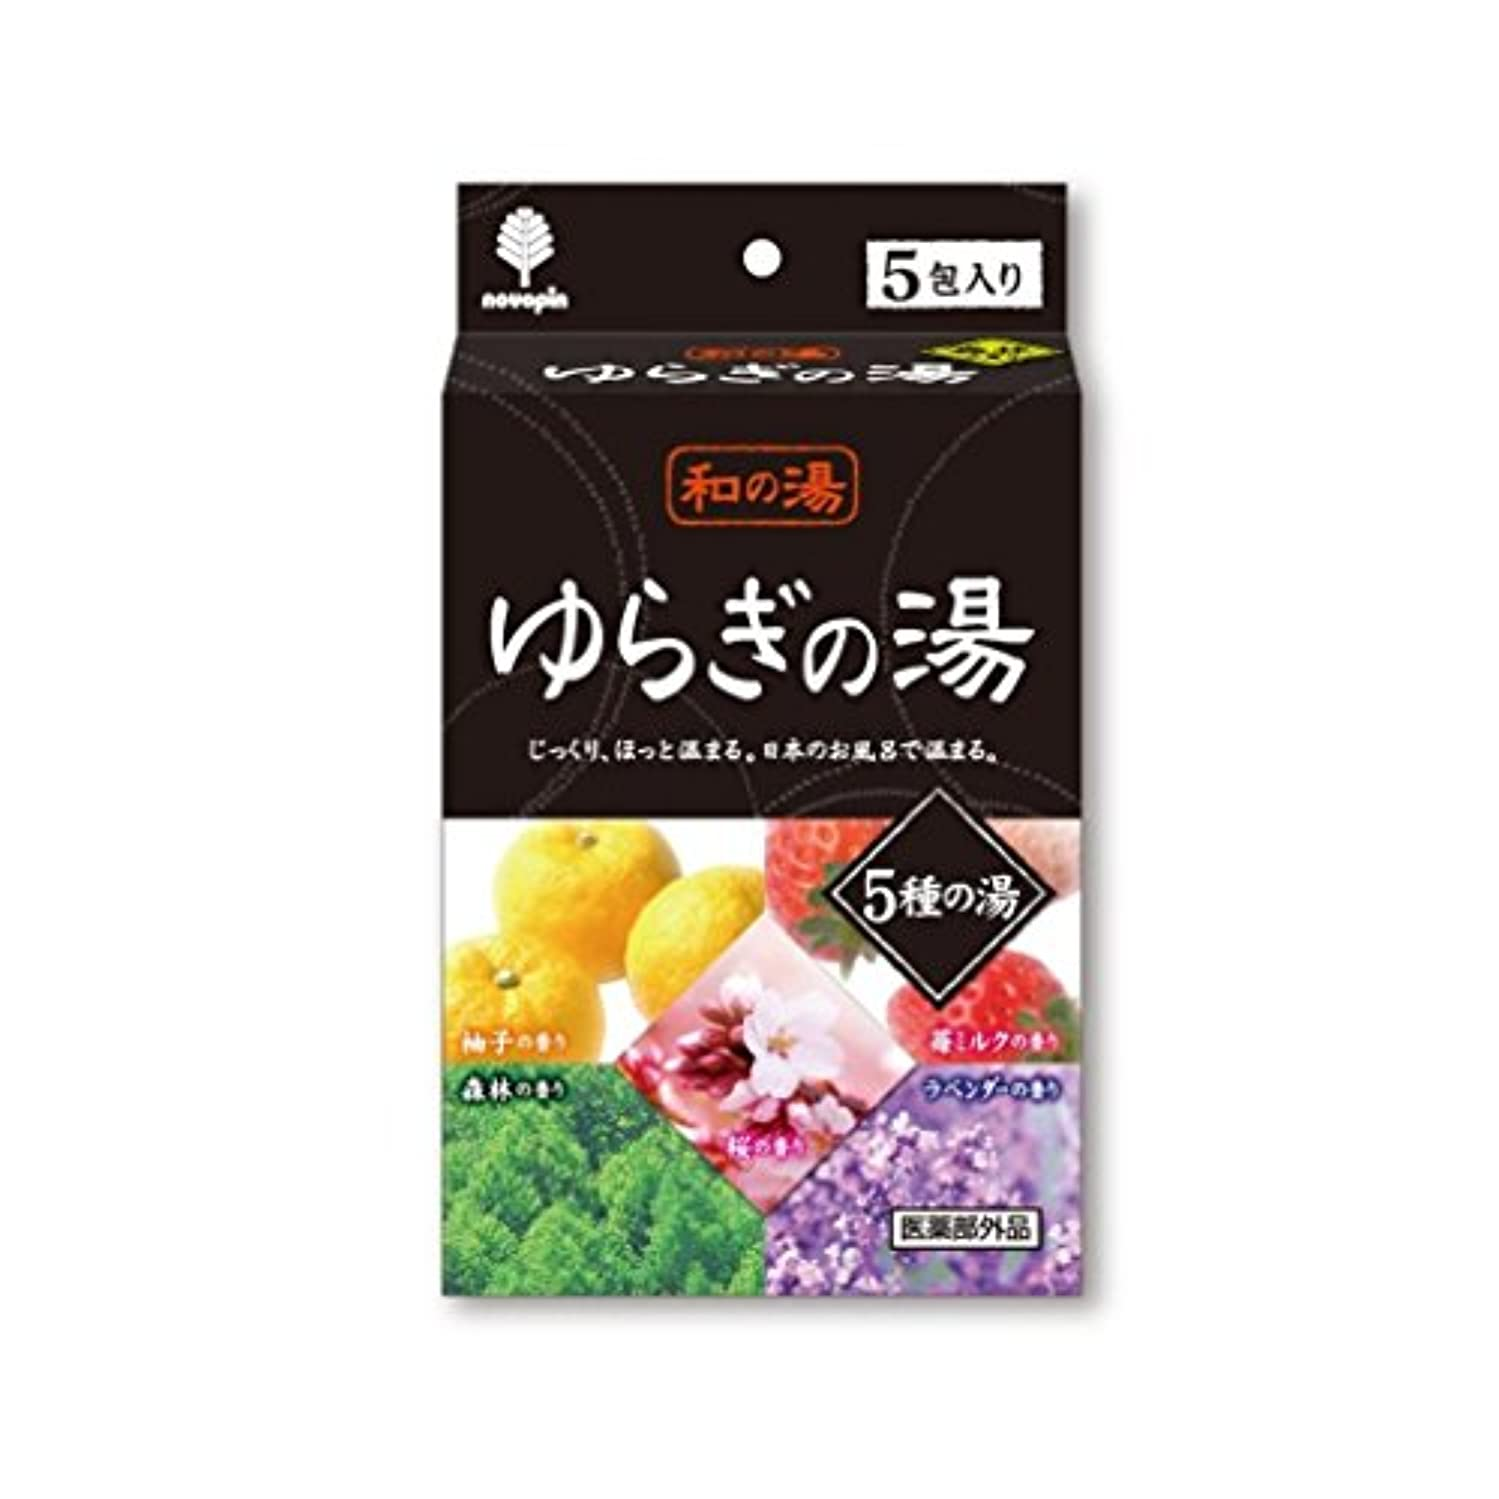 深める旧正月要件紀陽除虫菊 日本製 Japan 和の湯 ゆらぎの湯 5種の湯 25g×5包入 【まとめ買い10個セット】